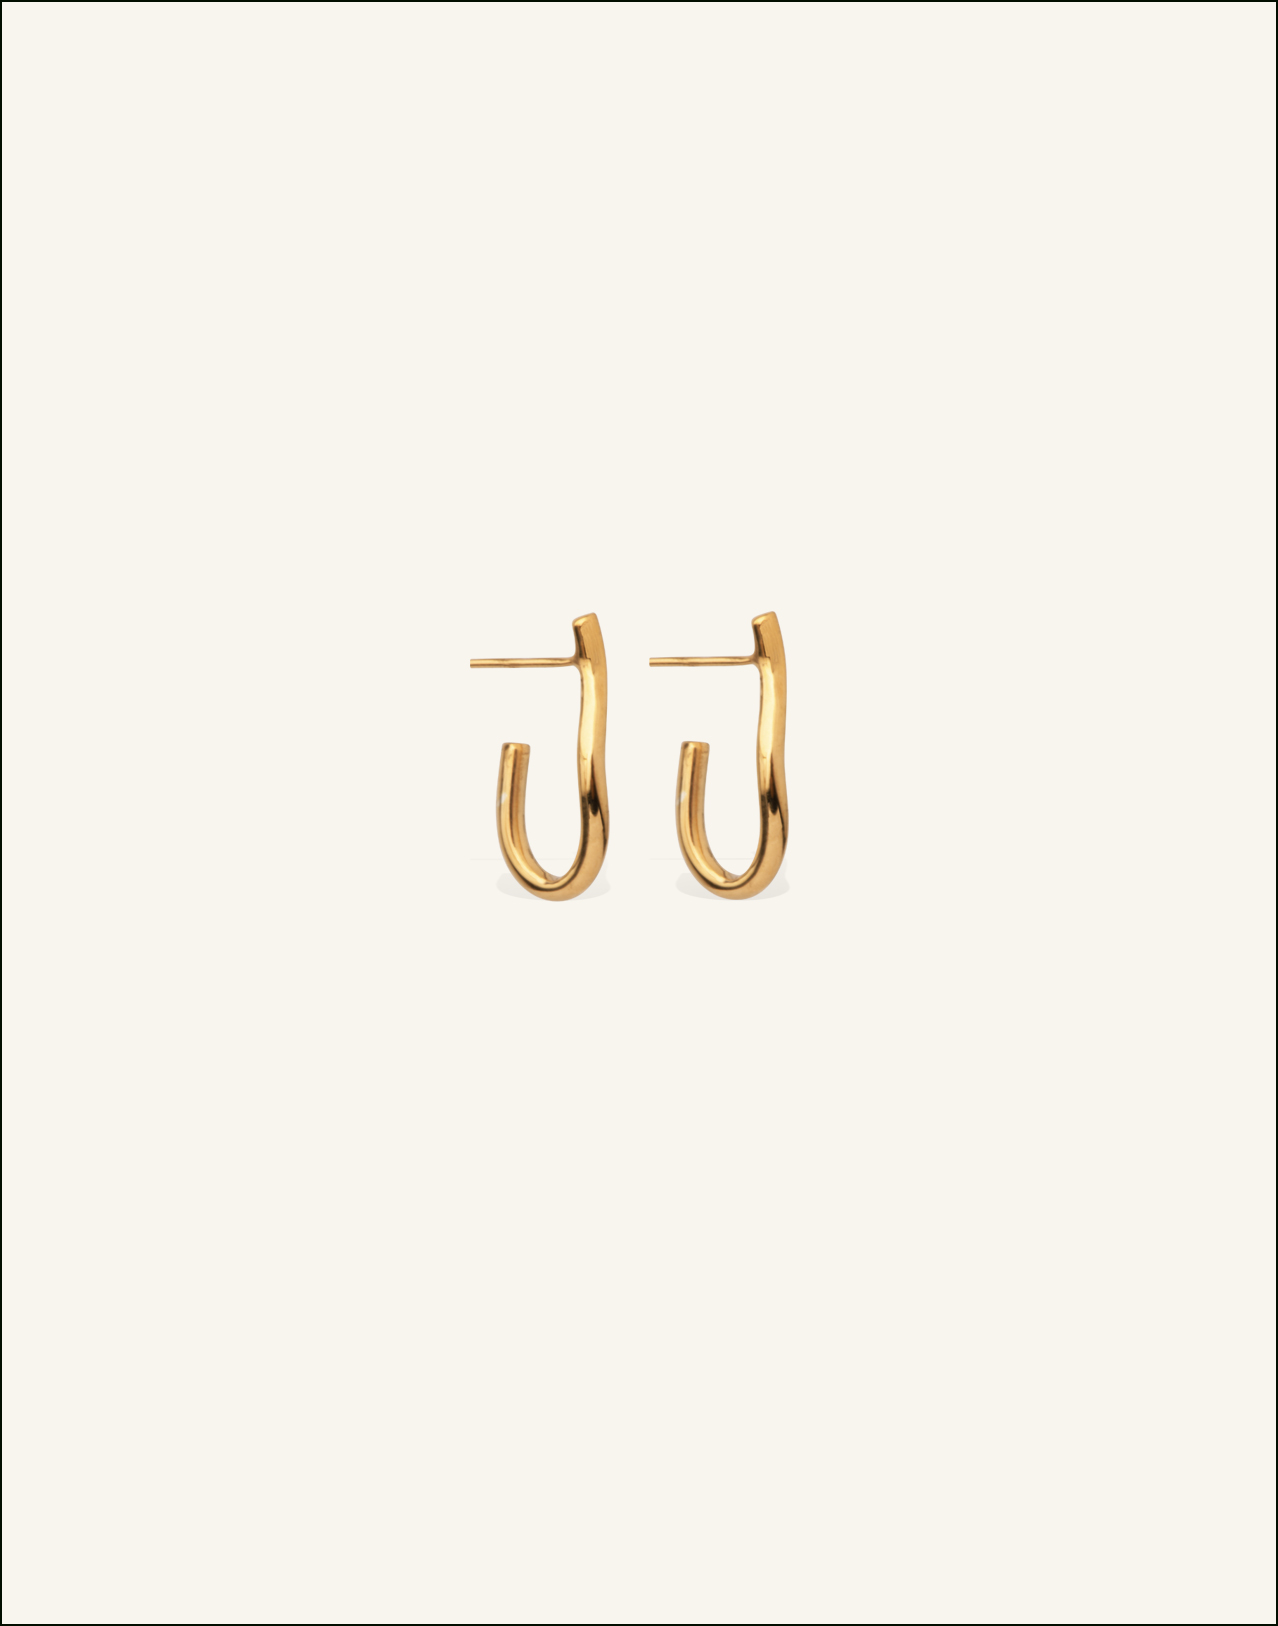 Completedworks-Earrings-Riot-II-2-1.jpg